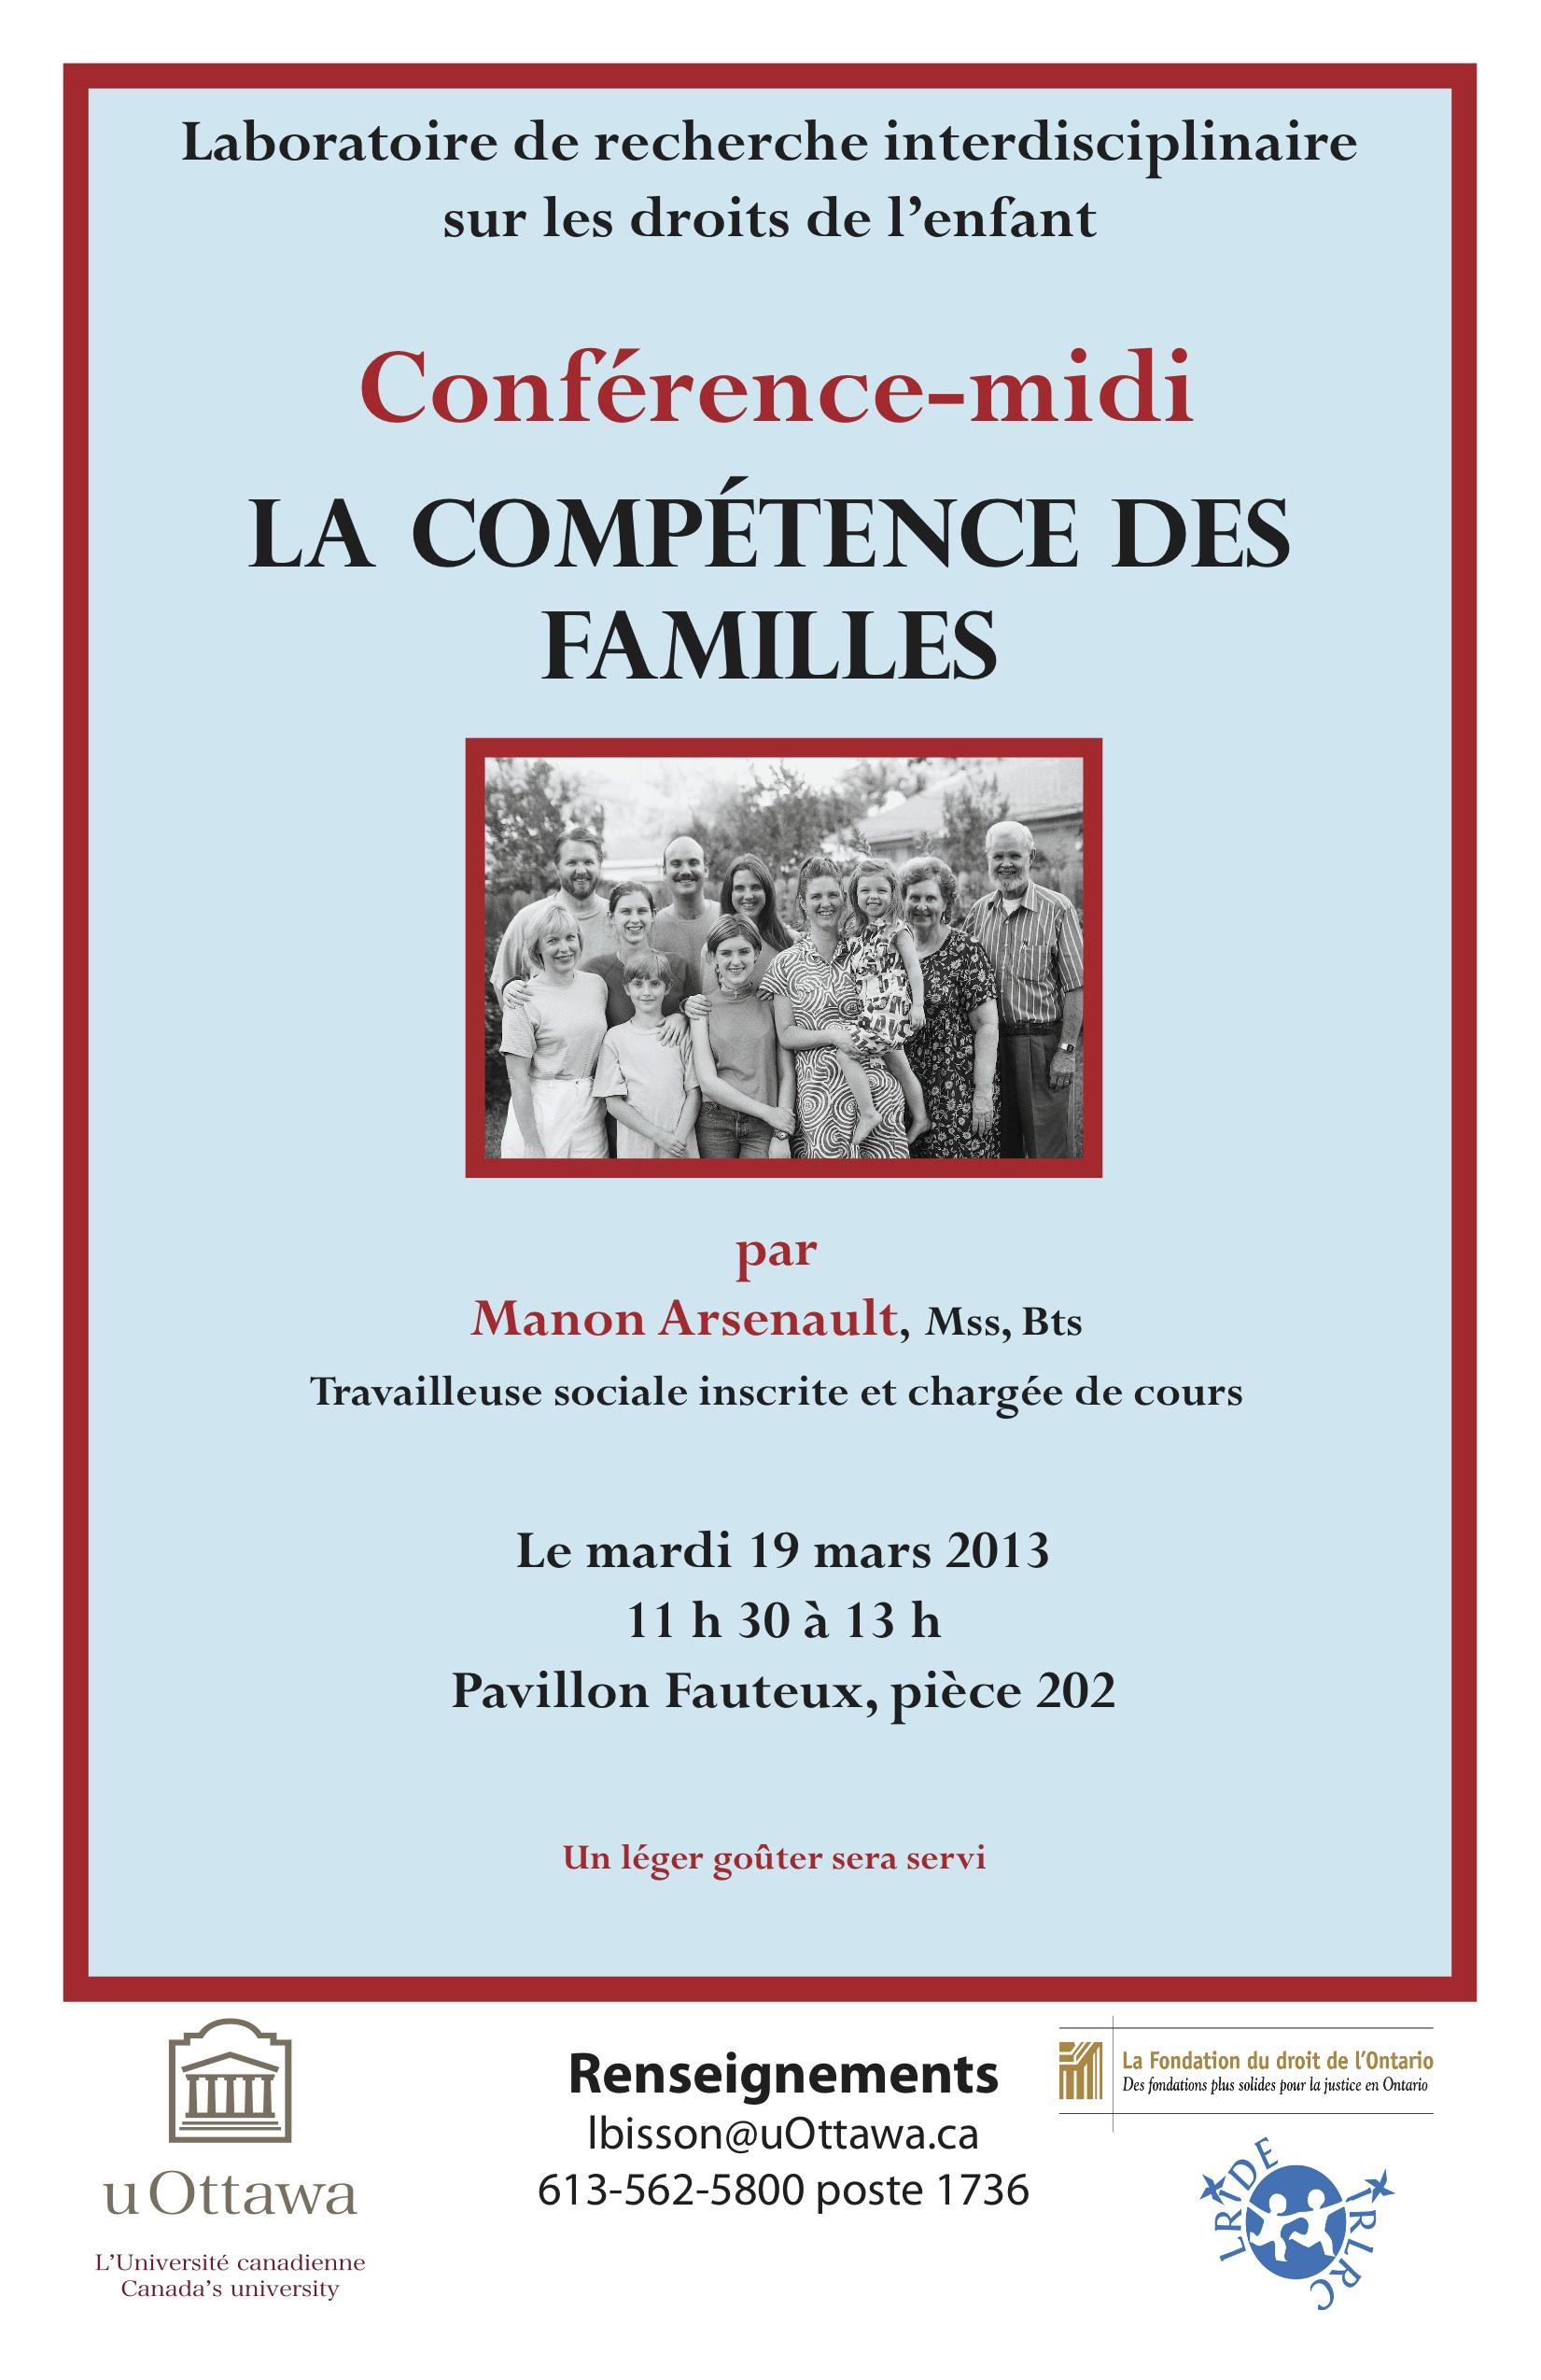 LRIDE 19 mars 2013 La compétence des familles